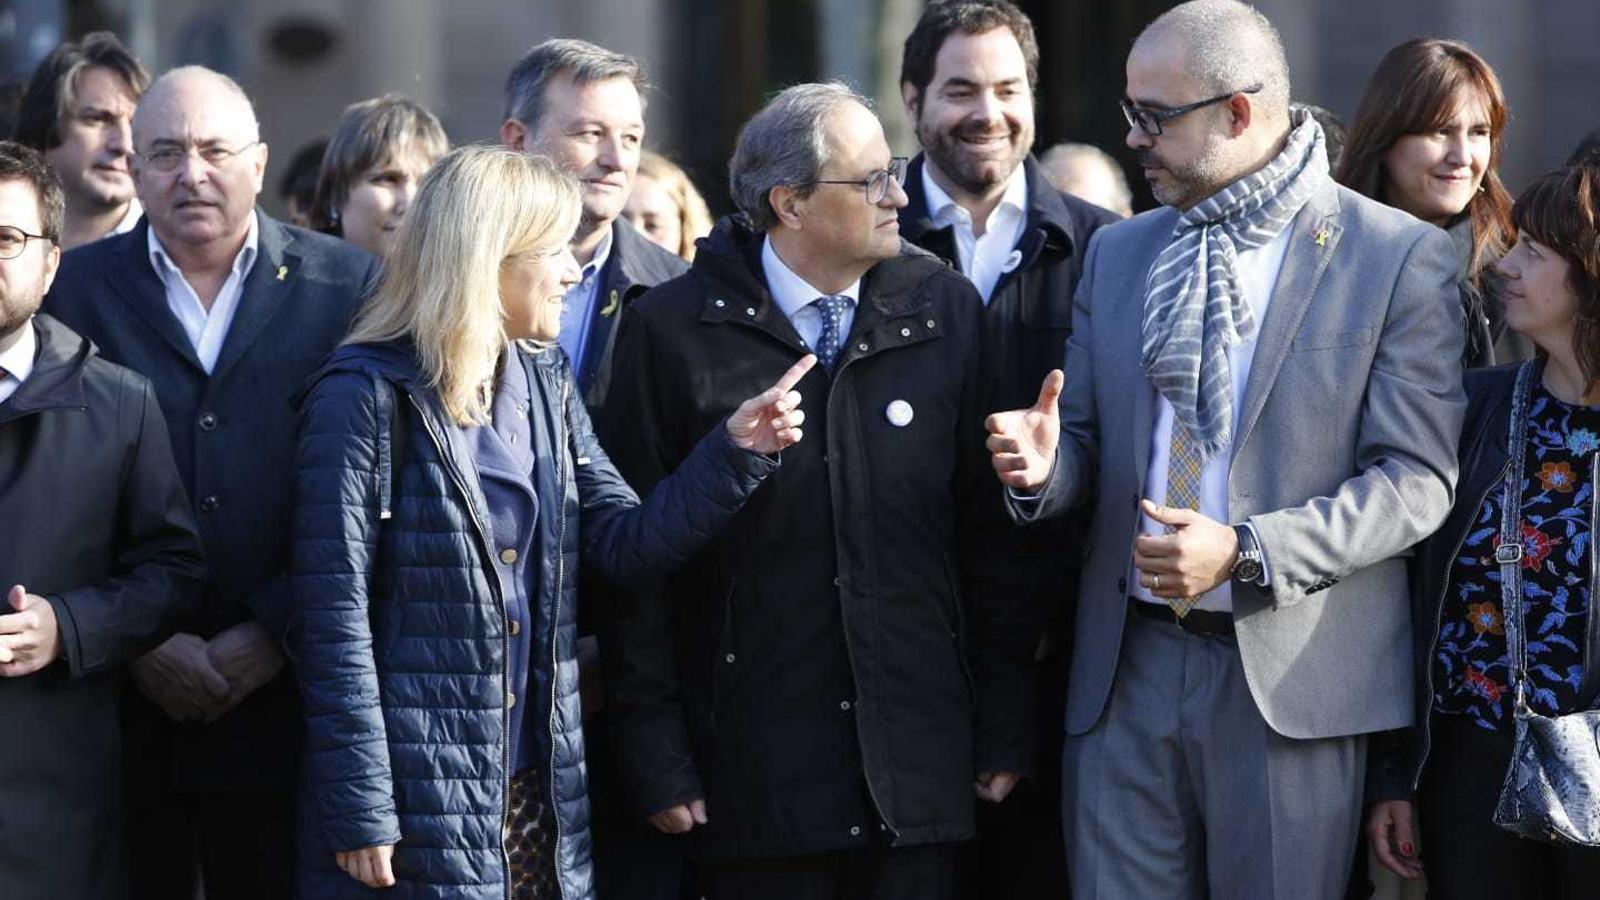 Torra exigeix a Buch canvis immediats a Interior després de les càrregues dels Mossos a Girona i Terrassa